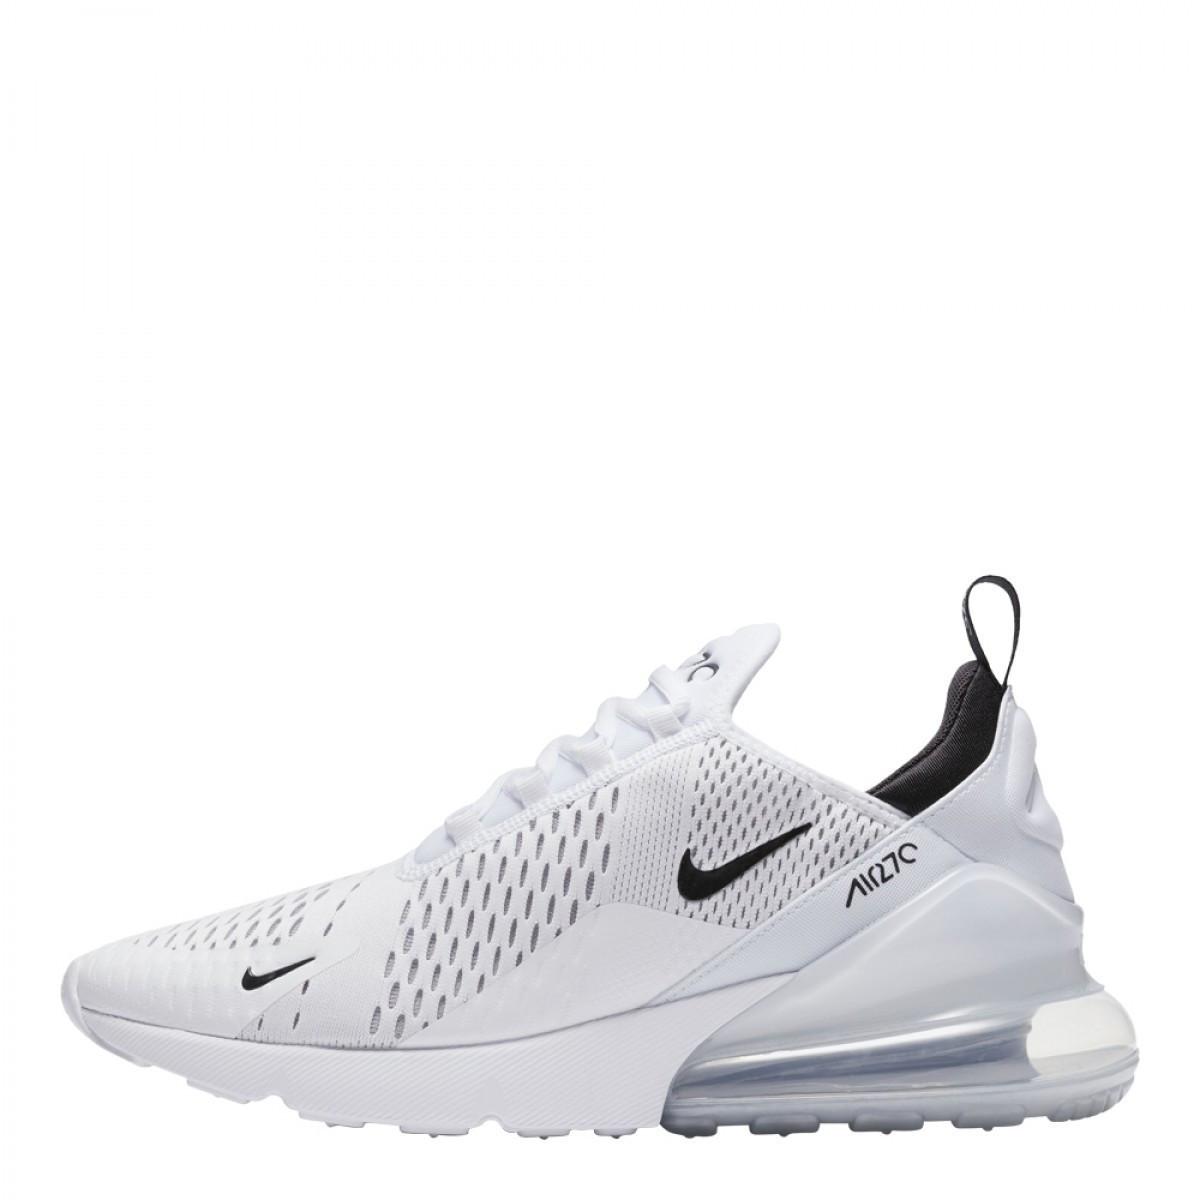 Nike Air Max 270 White Black AH8050 100